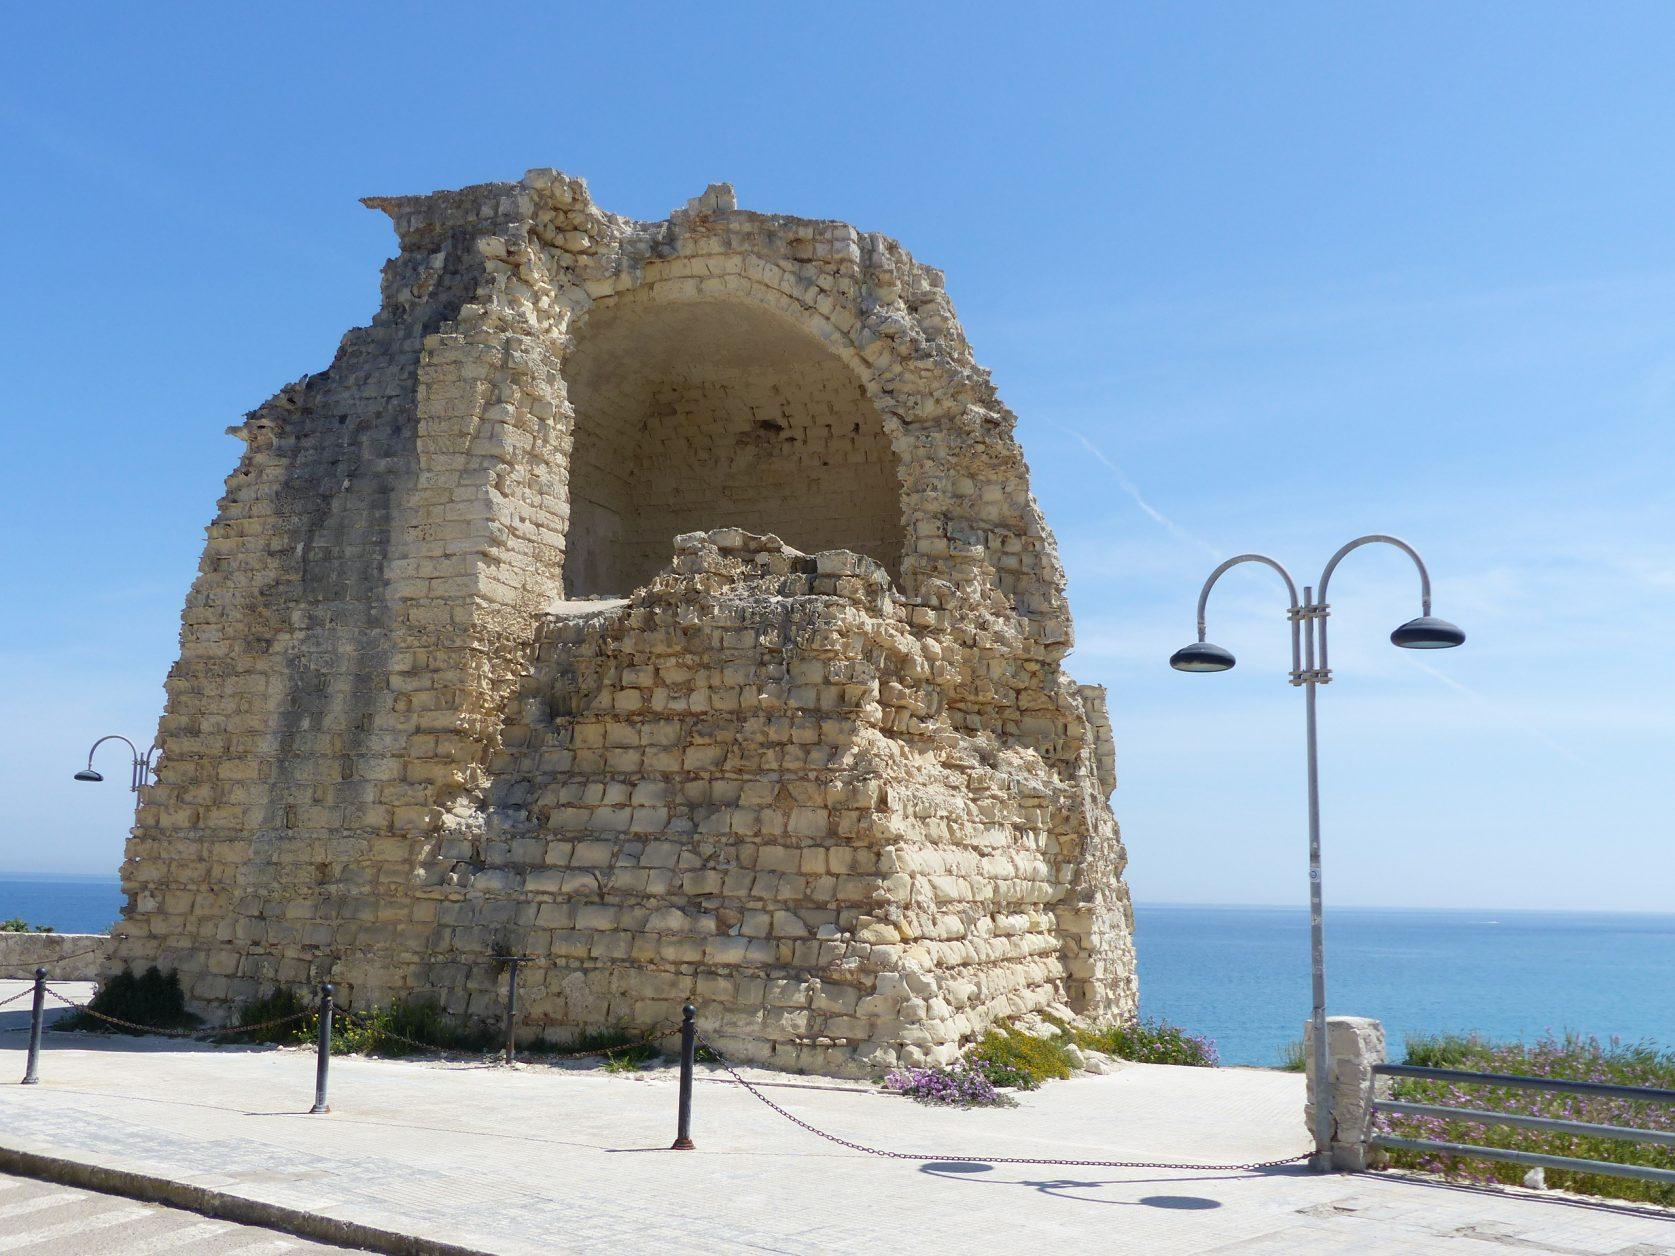 Wehrturm am Strand von Torre dell' Orso Foto: Weirauch